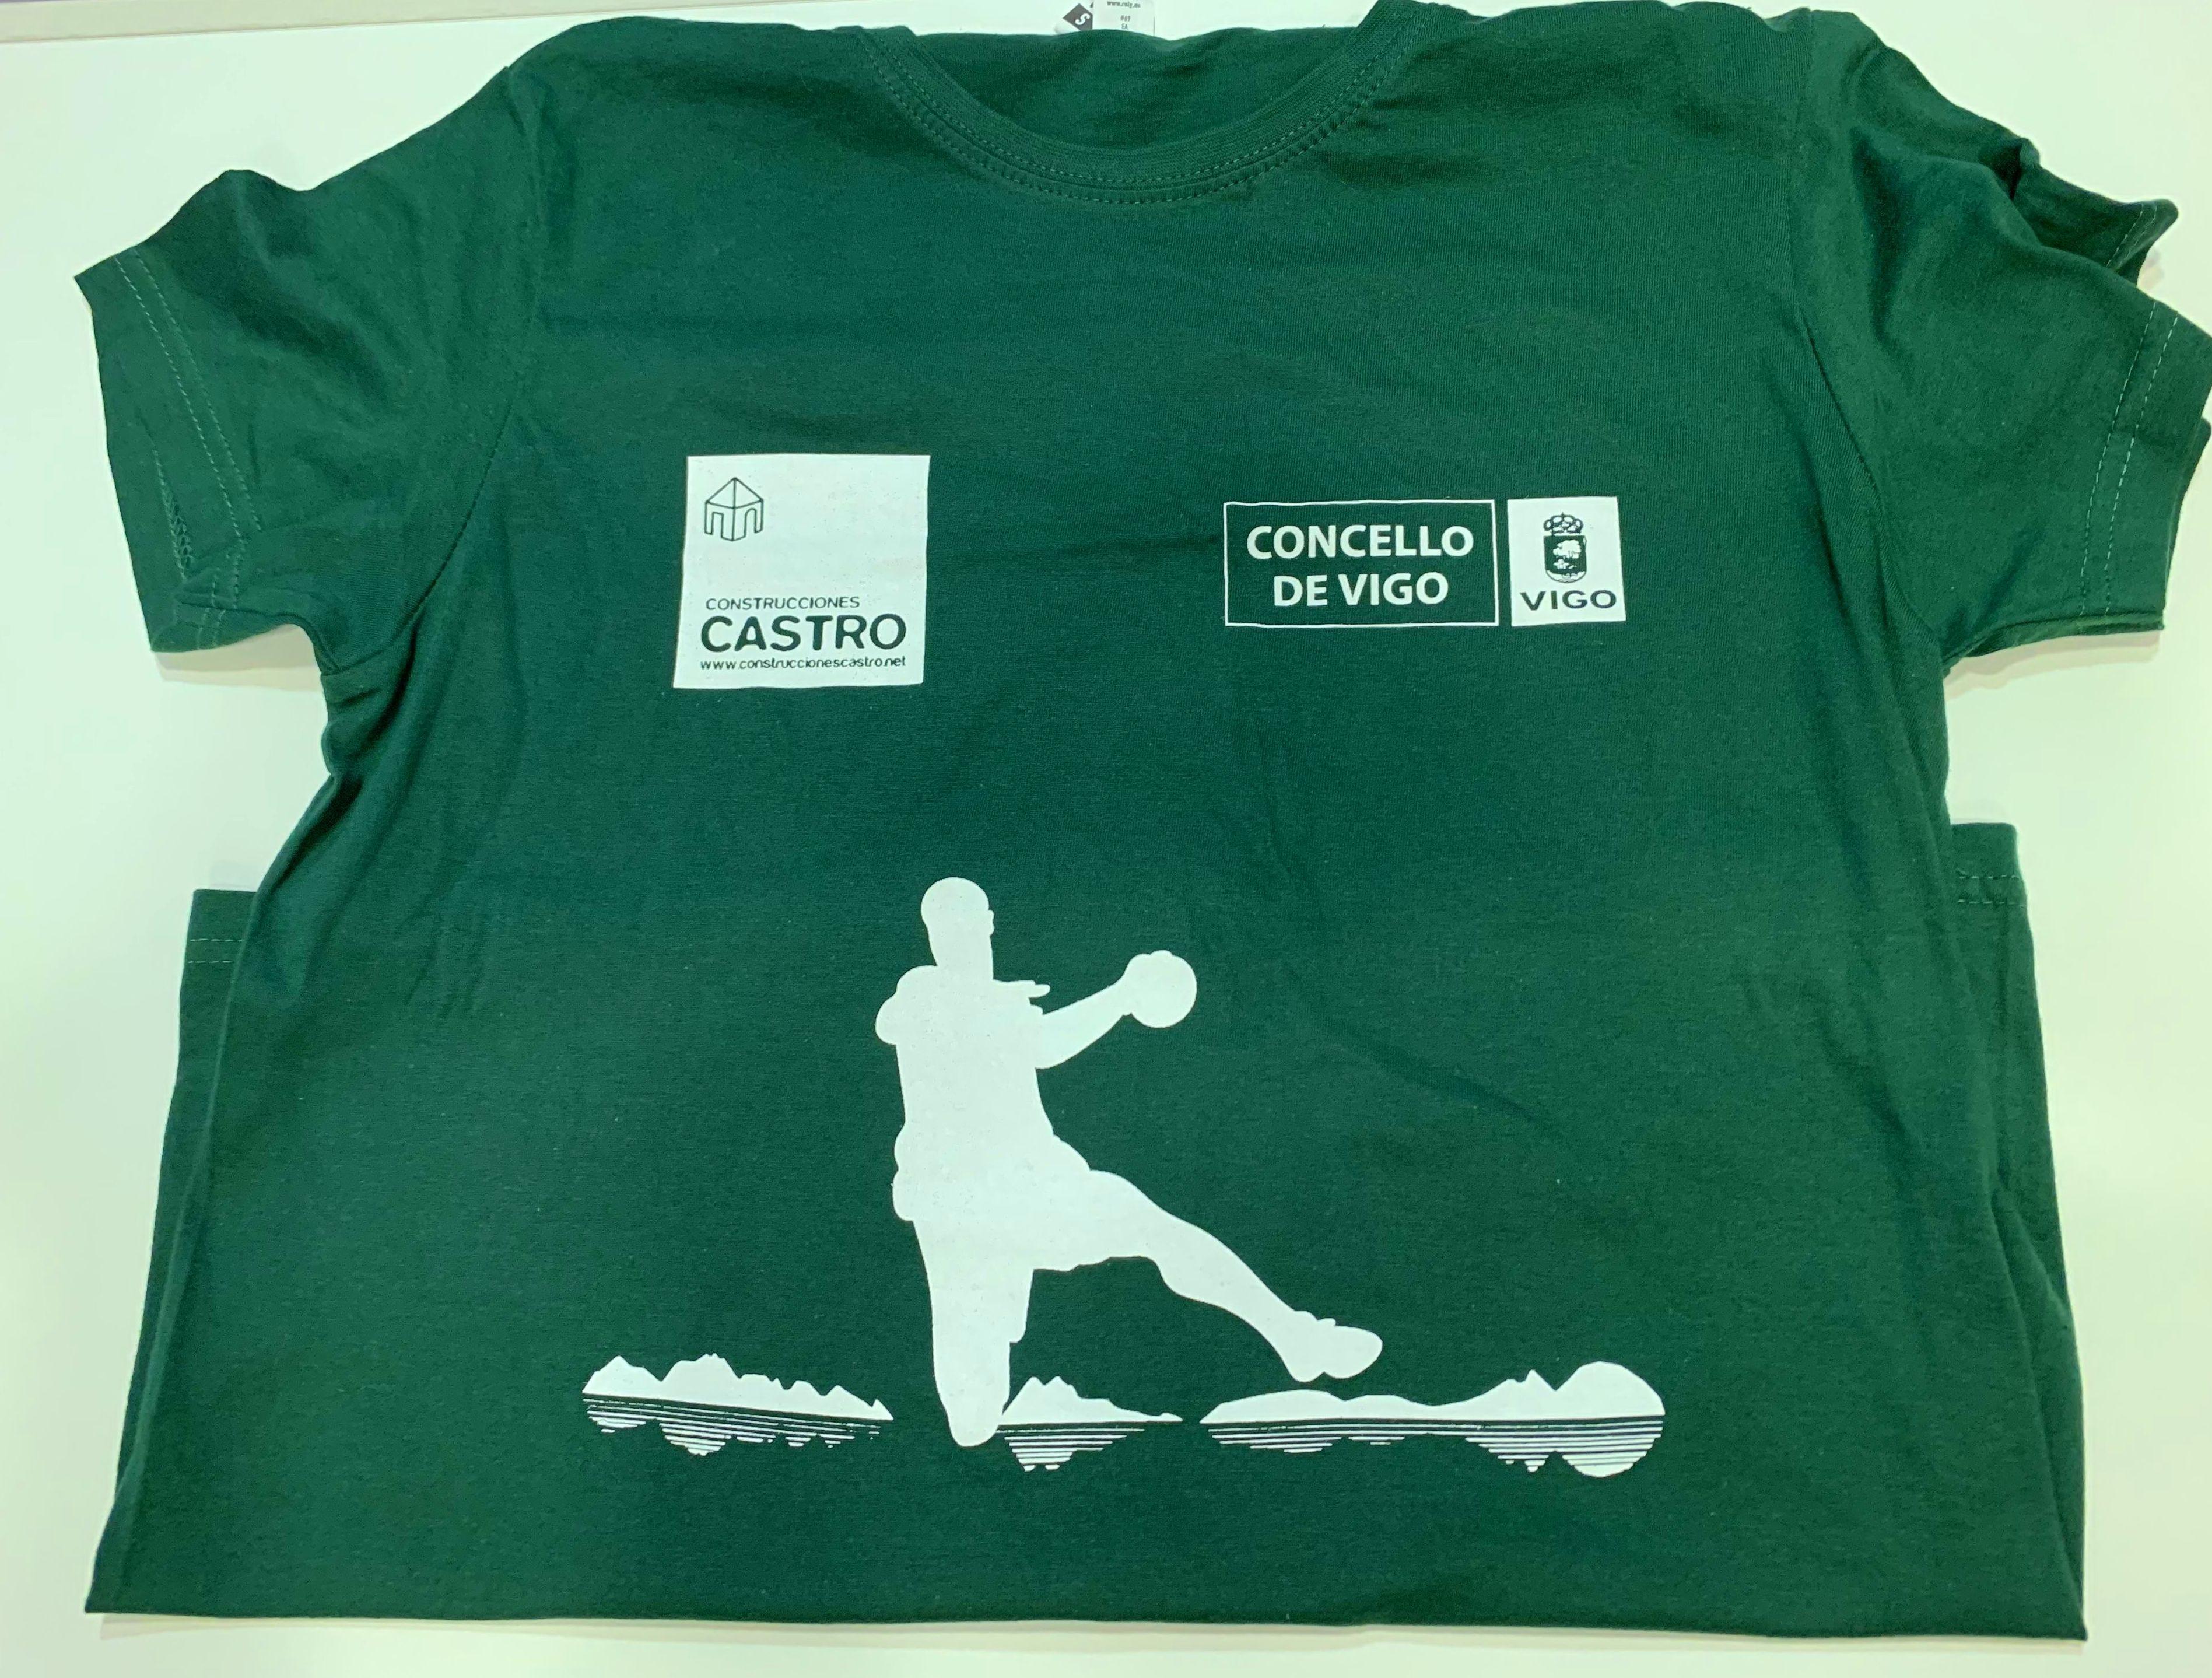 Camiseta estampada en serigrafía